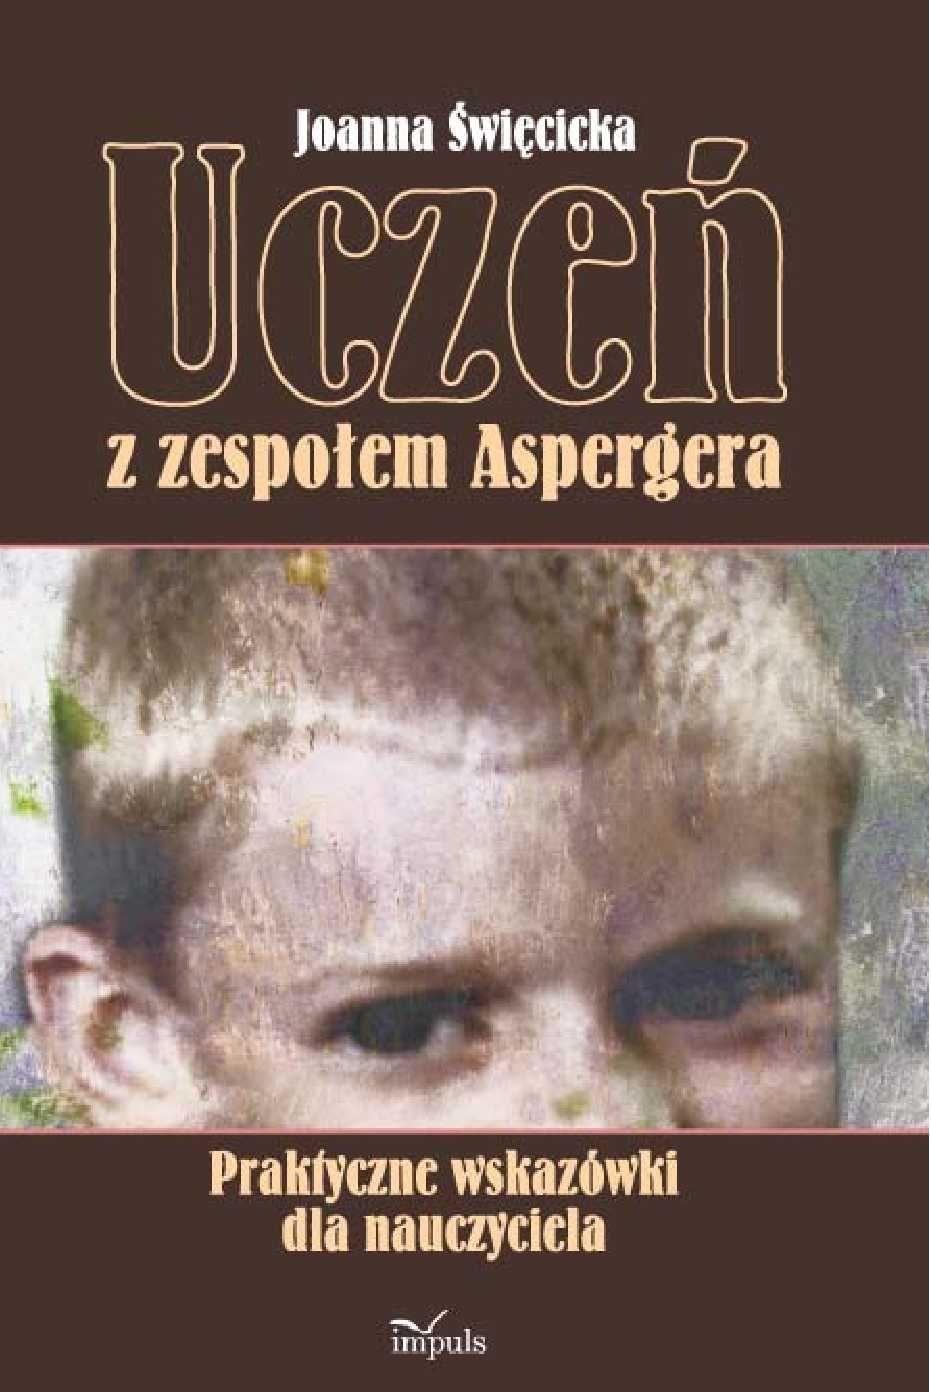 Uczeń z zespołem Aspergera - Ebook (Książka na Kindle) do pobrania w formacie MOBI